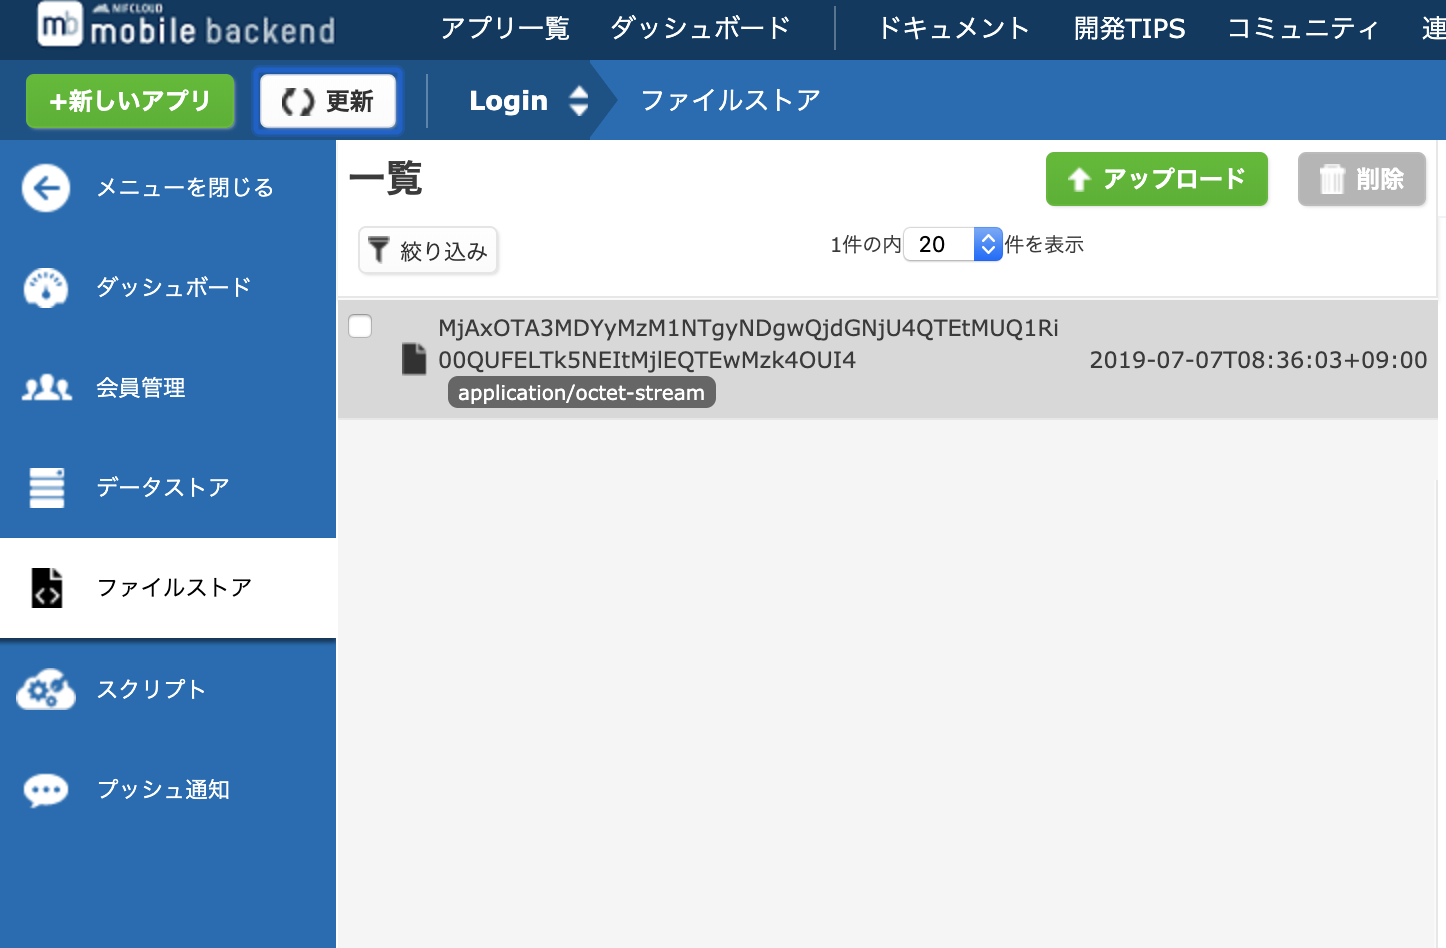 スクリーンショット 2019-07-07 8.37.32.png